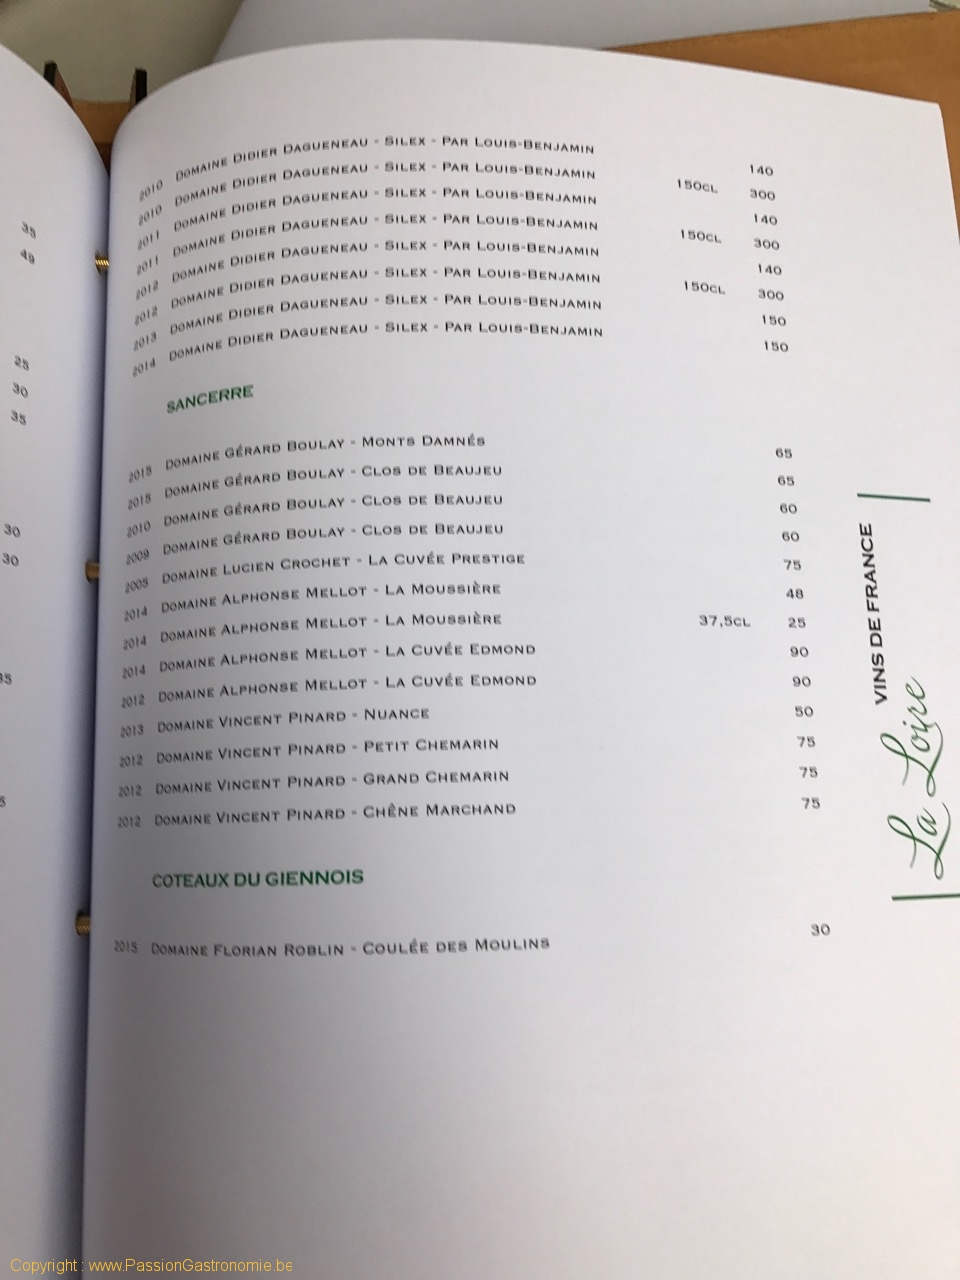 Restaurant Les Gourmands - Carte des vins - Sancerre